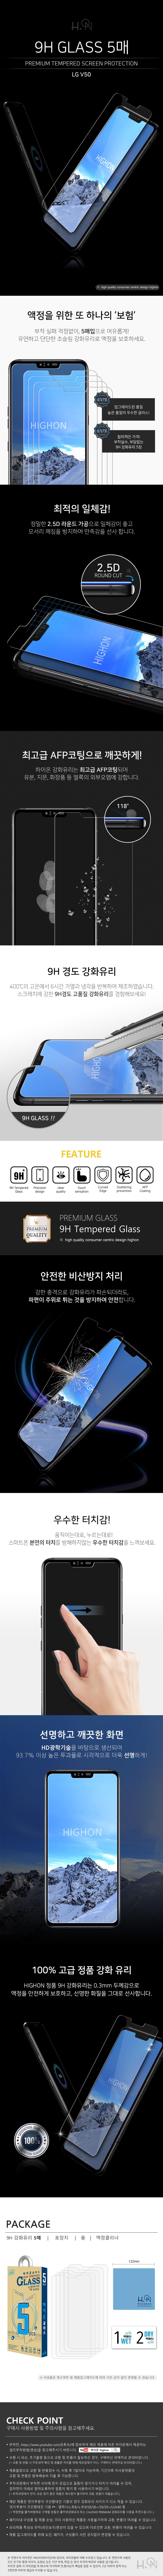 하이온 LG V50 씽큐용 액정보호필름 강화유리 5매 - 하이온, 7,300원, 필름/스킨, V50